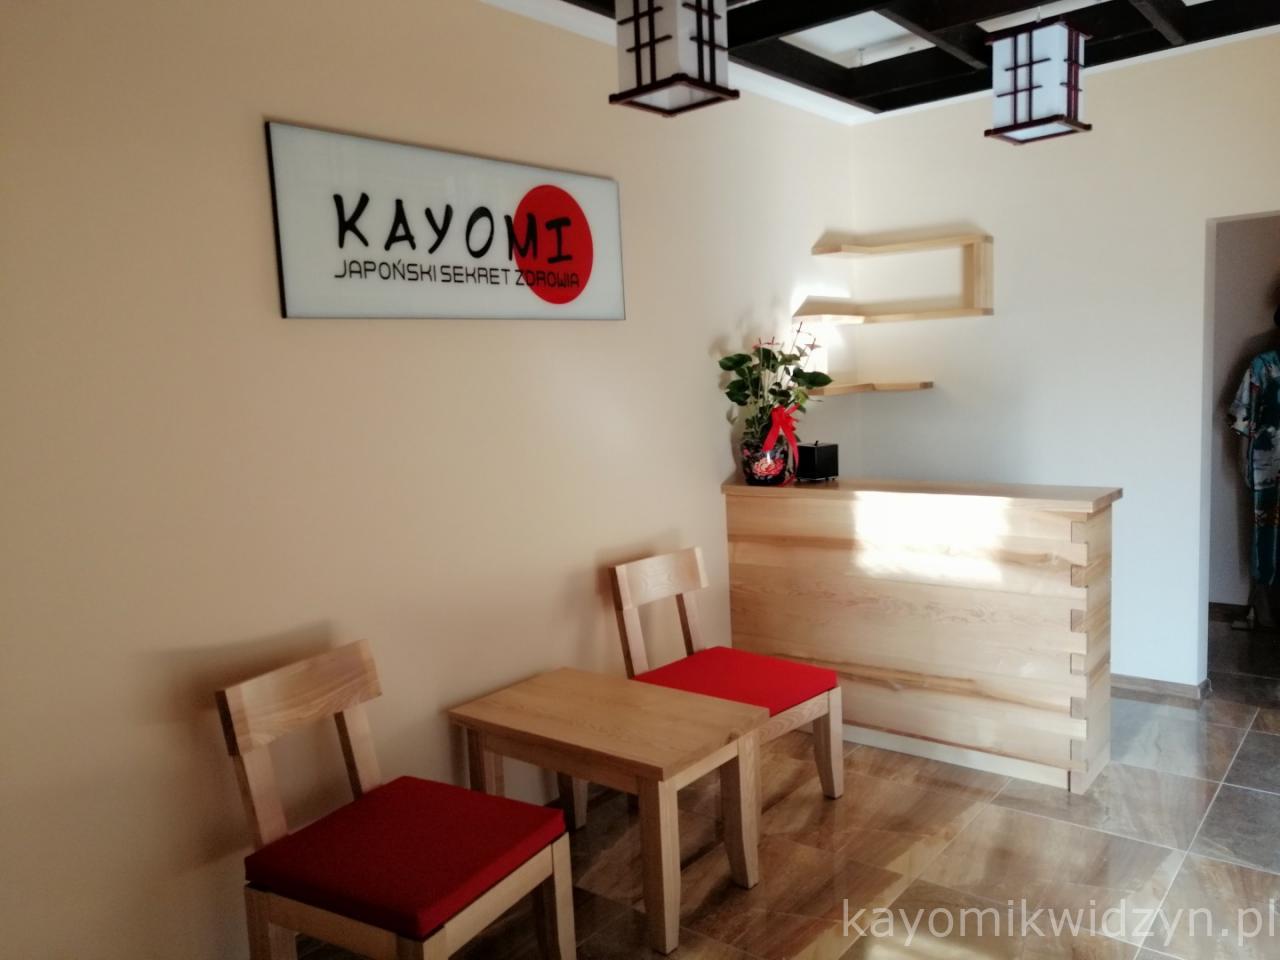 Recepcja Kayomi Kwidzyn